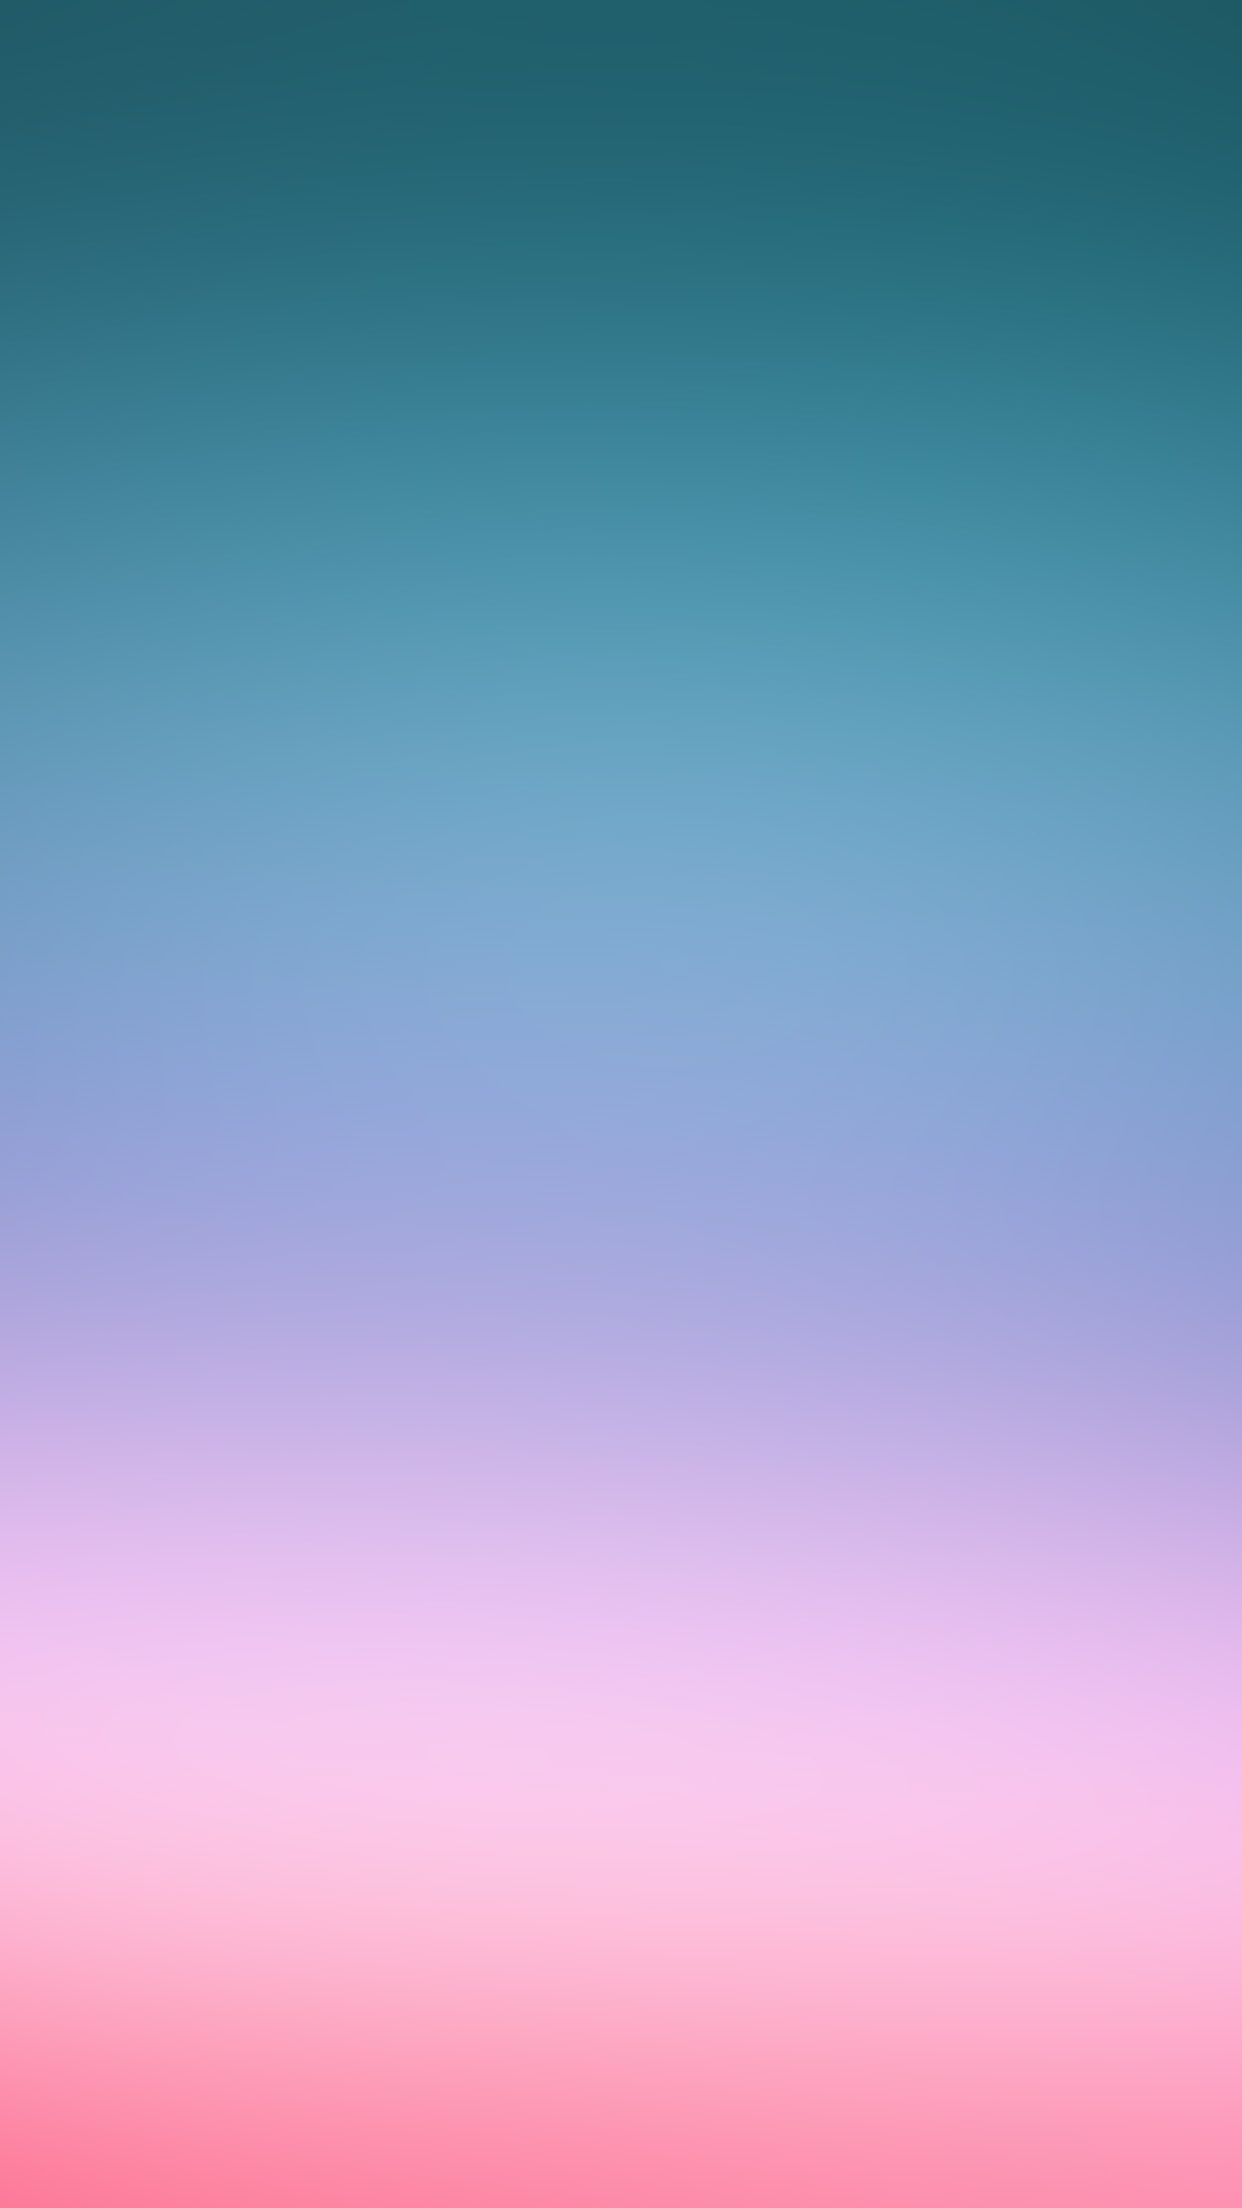 sl34-pink-blue-soft-pastel-blur-gradation